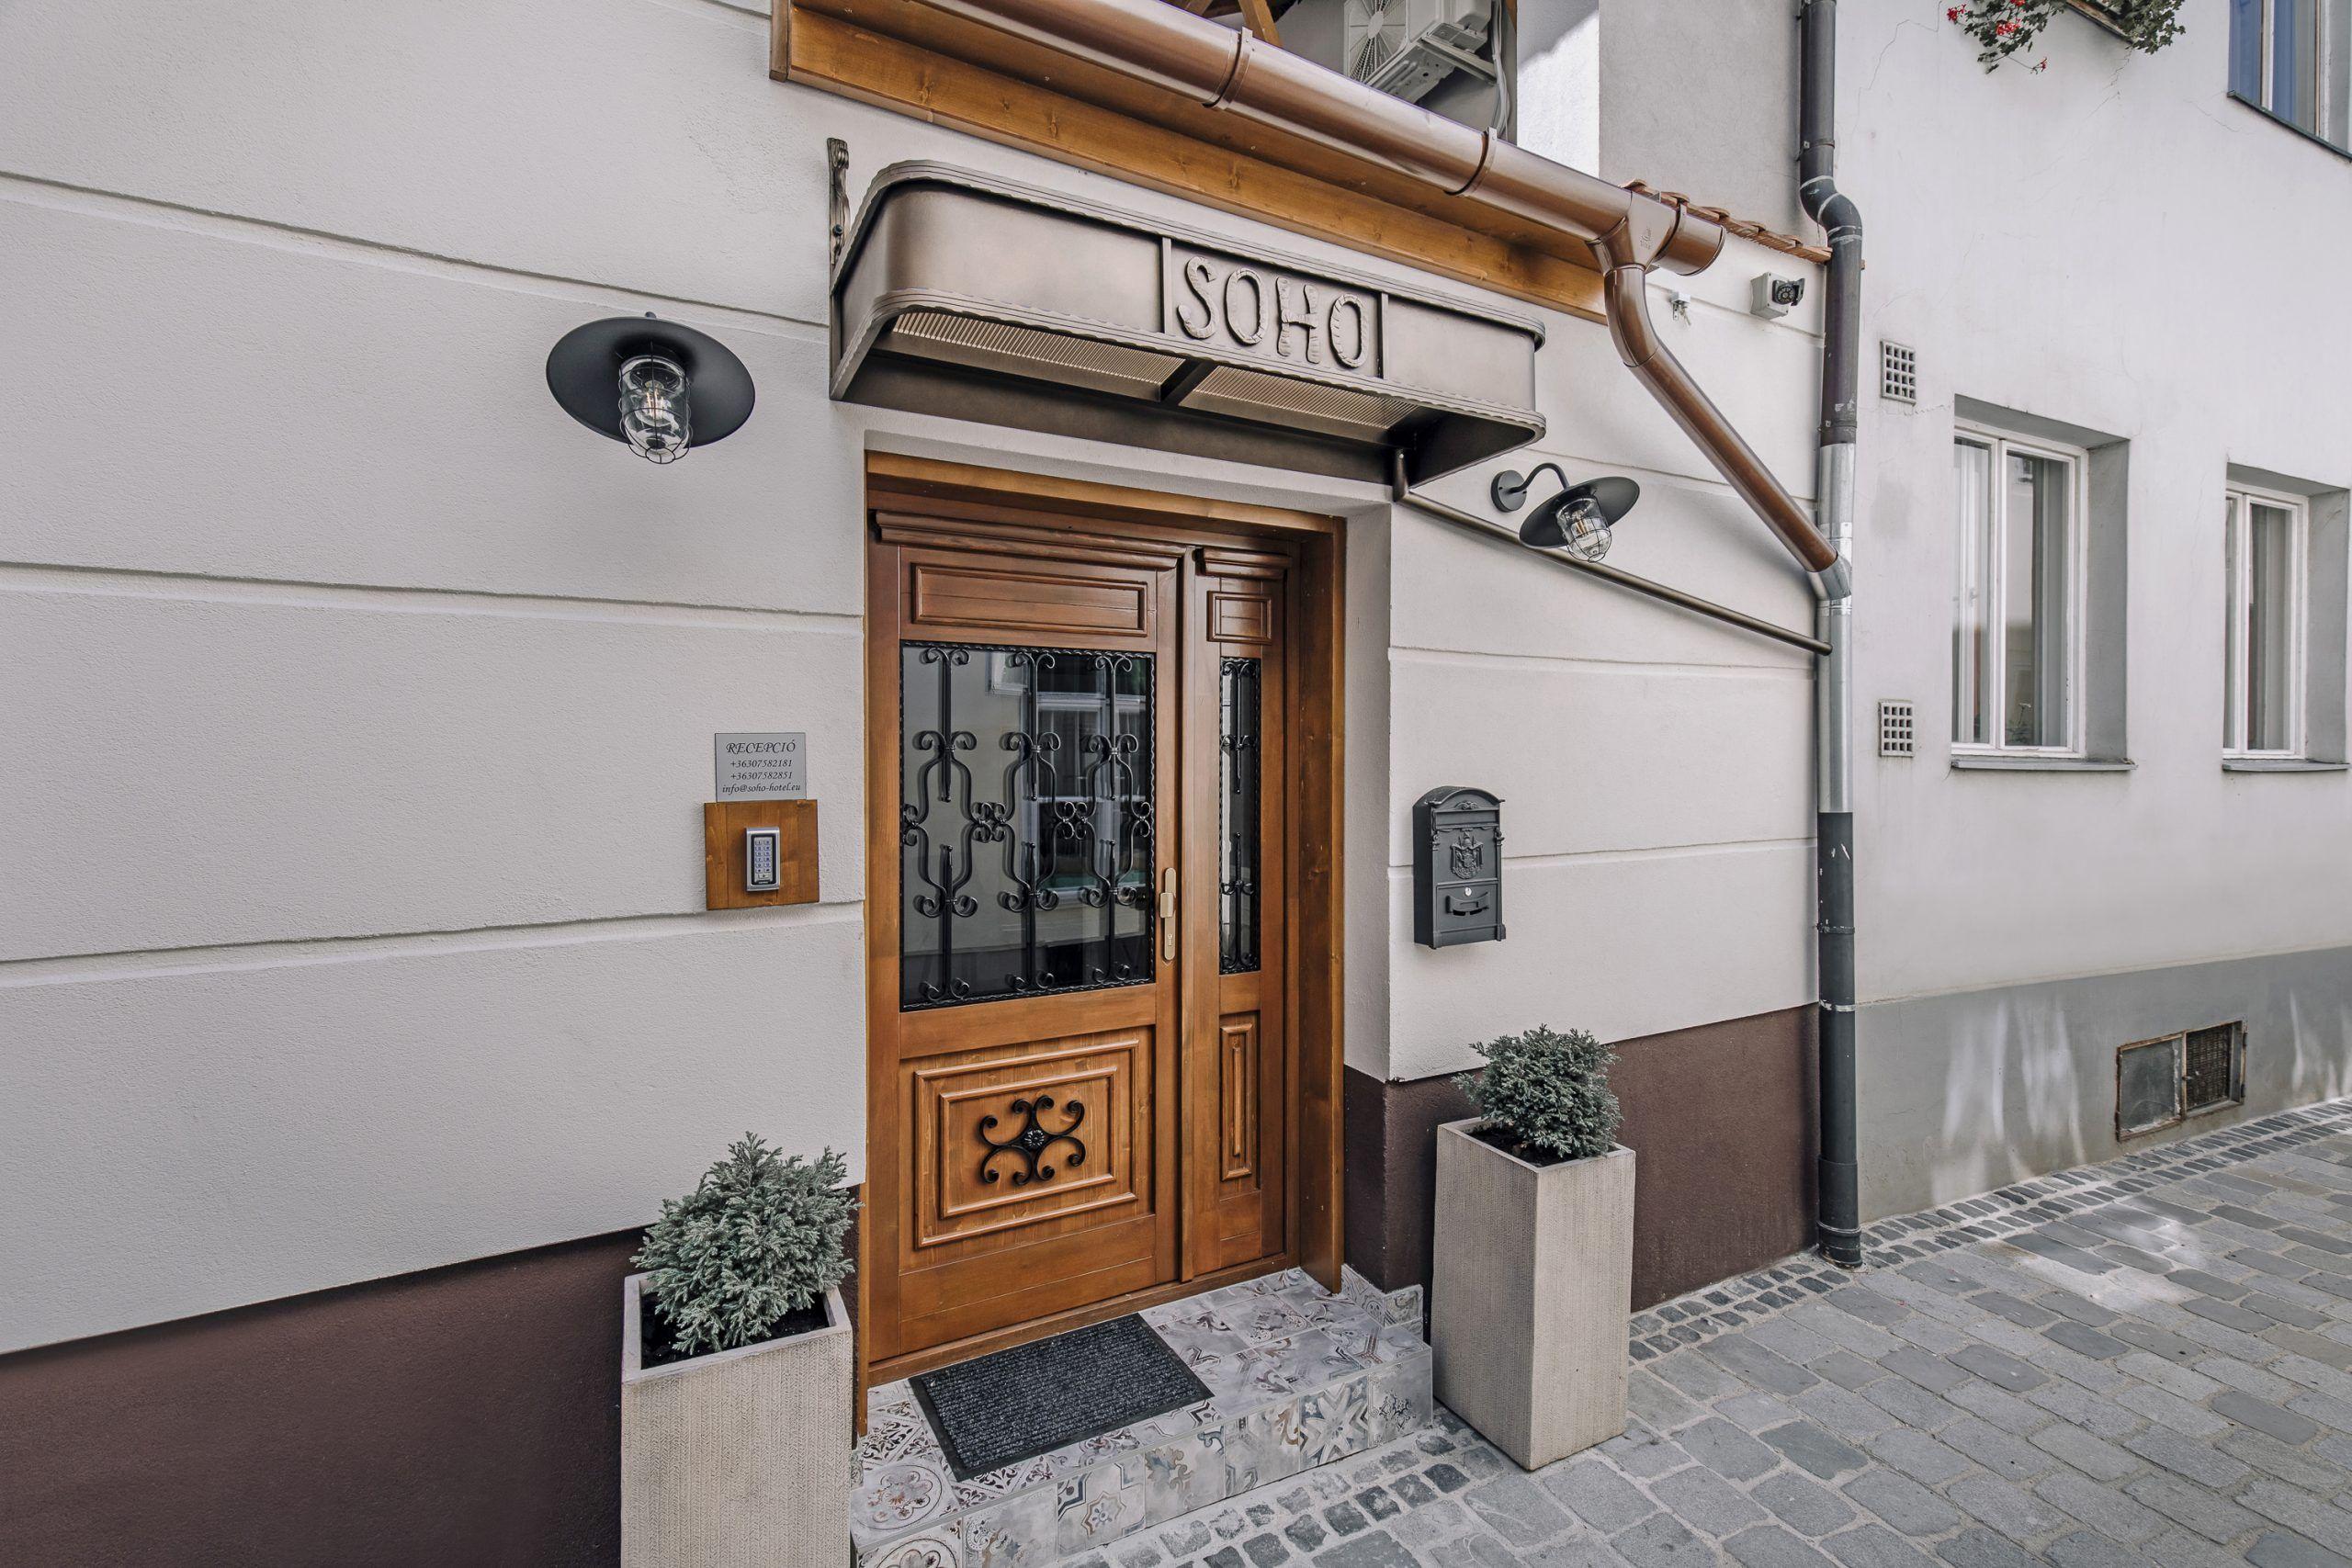 <a href='http://hellogyor.hu/en/accomodation/soho-apartment-house/'>Soho Apartment-House</a>